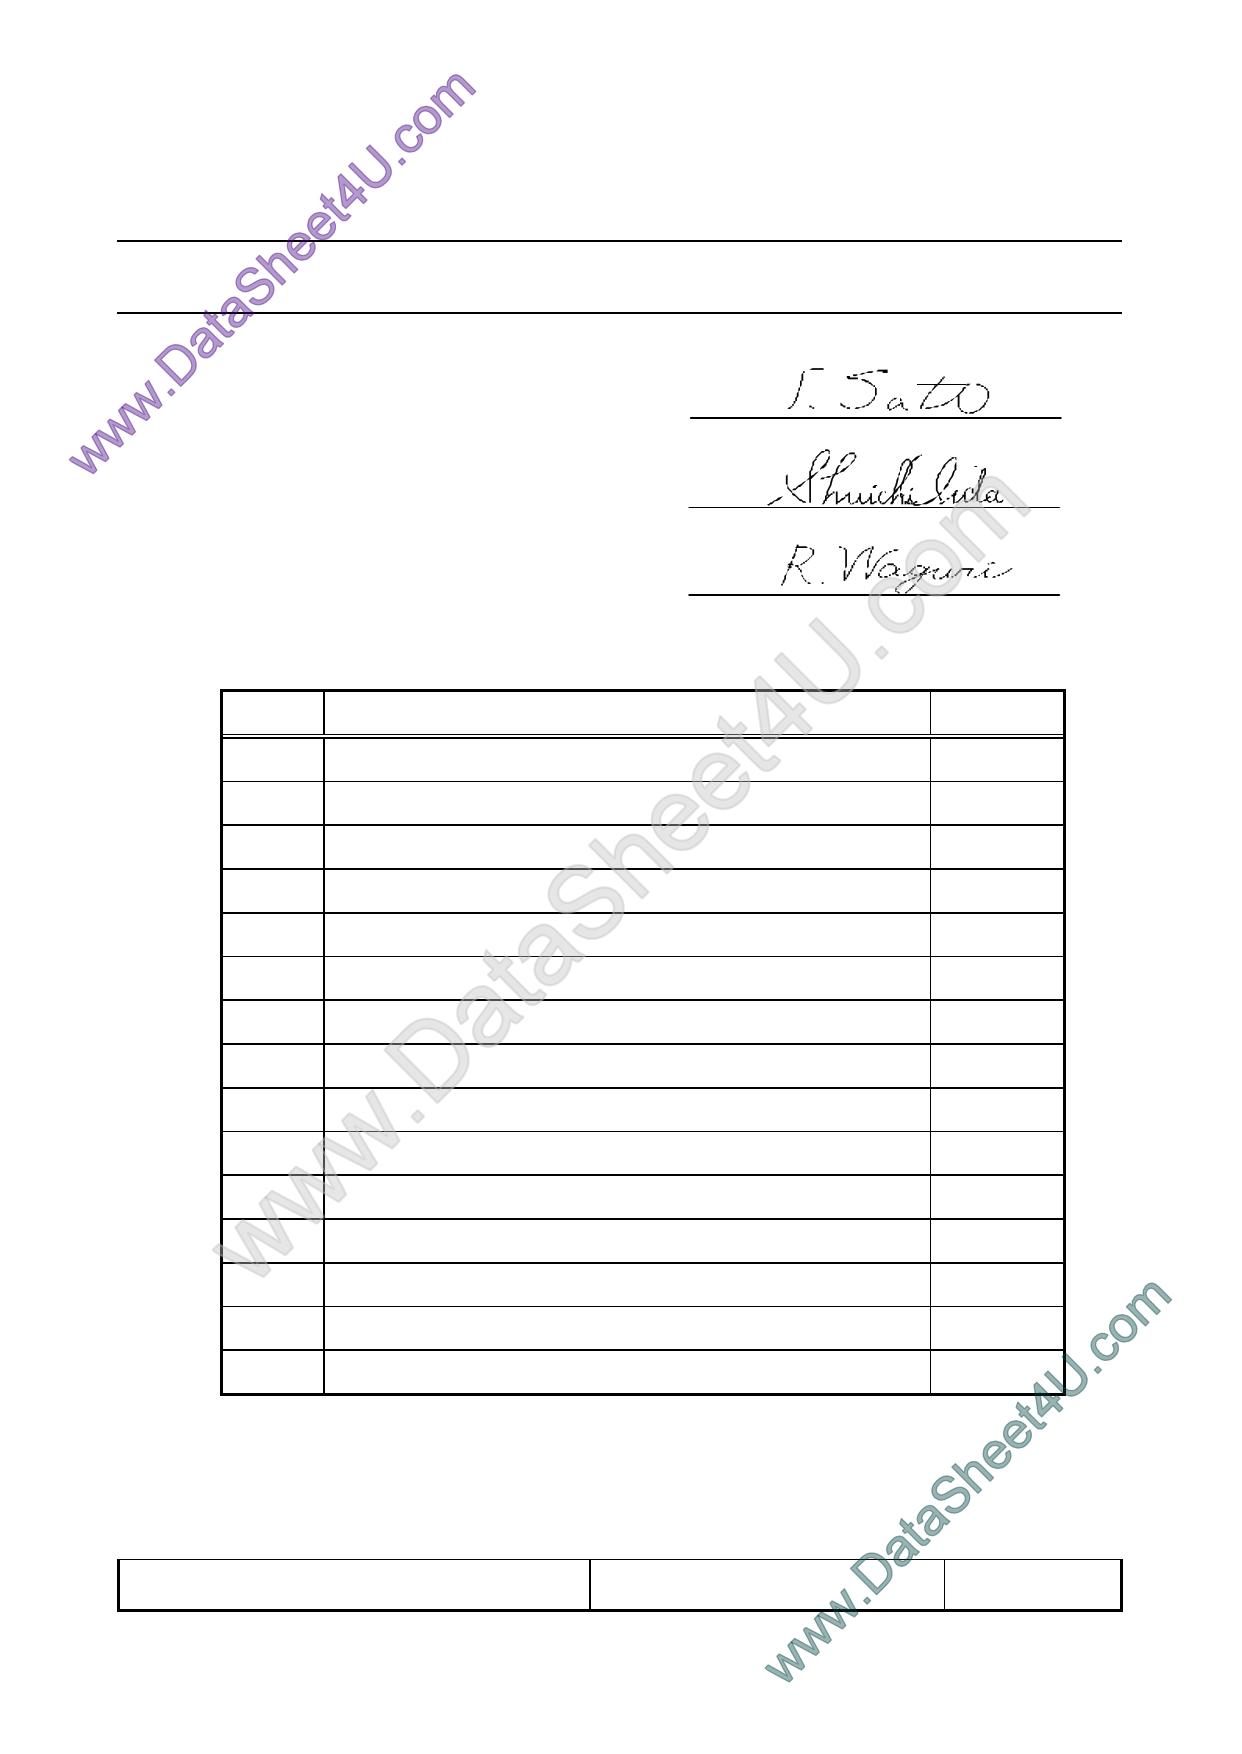 T-51513D104JU-FW_A_AC datasheet